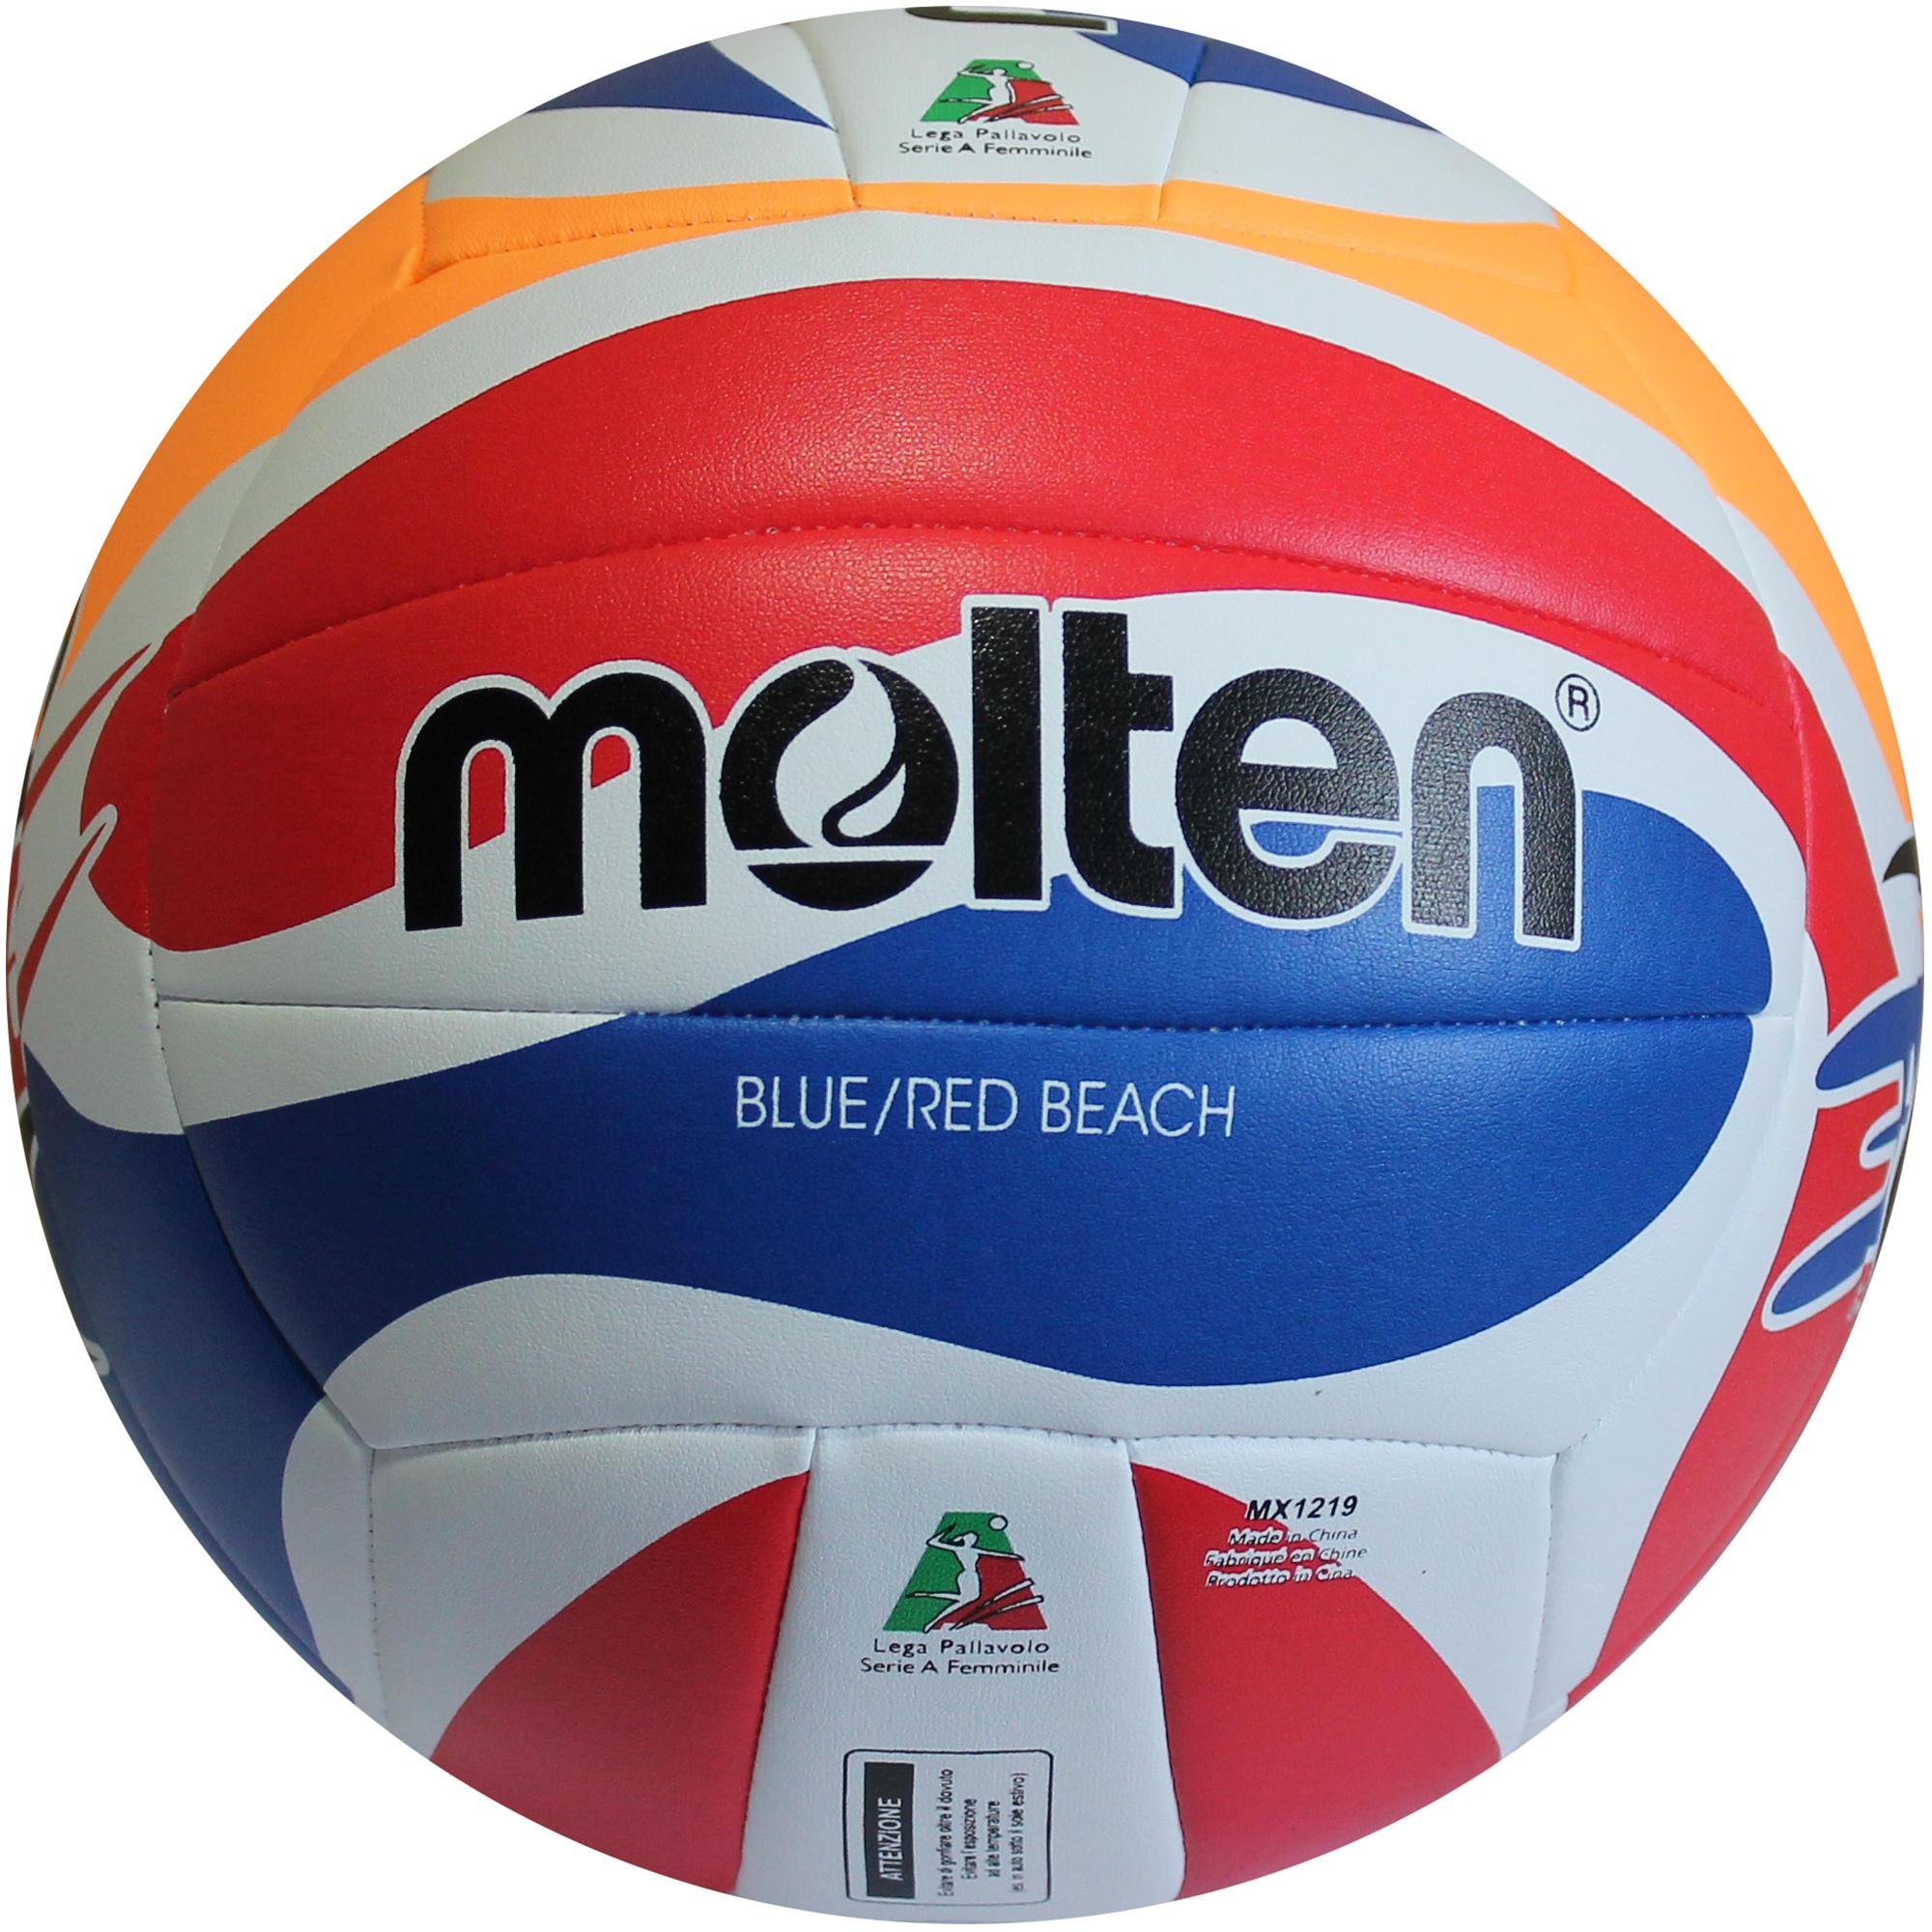 pallone beach volley giochi da spiaggia per adulti